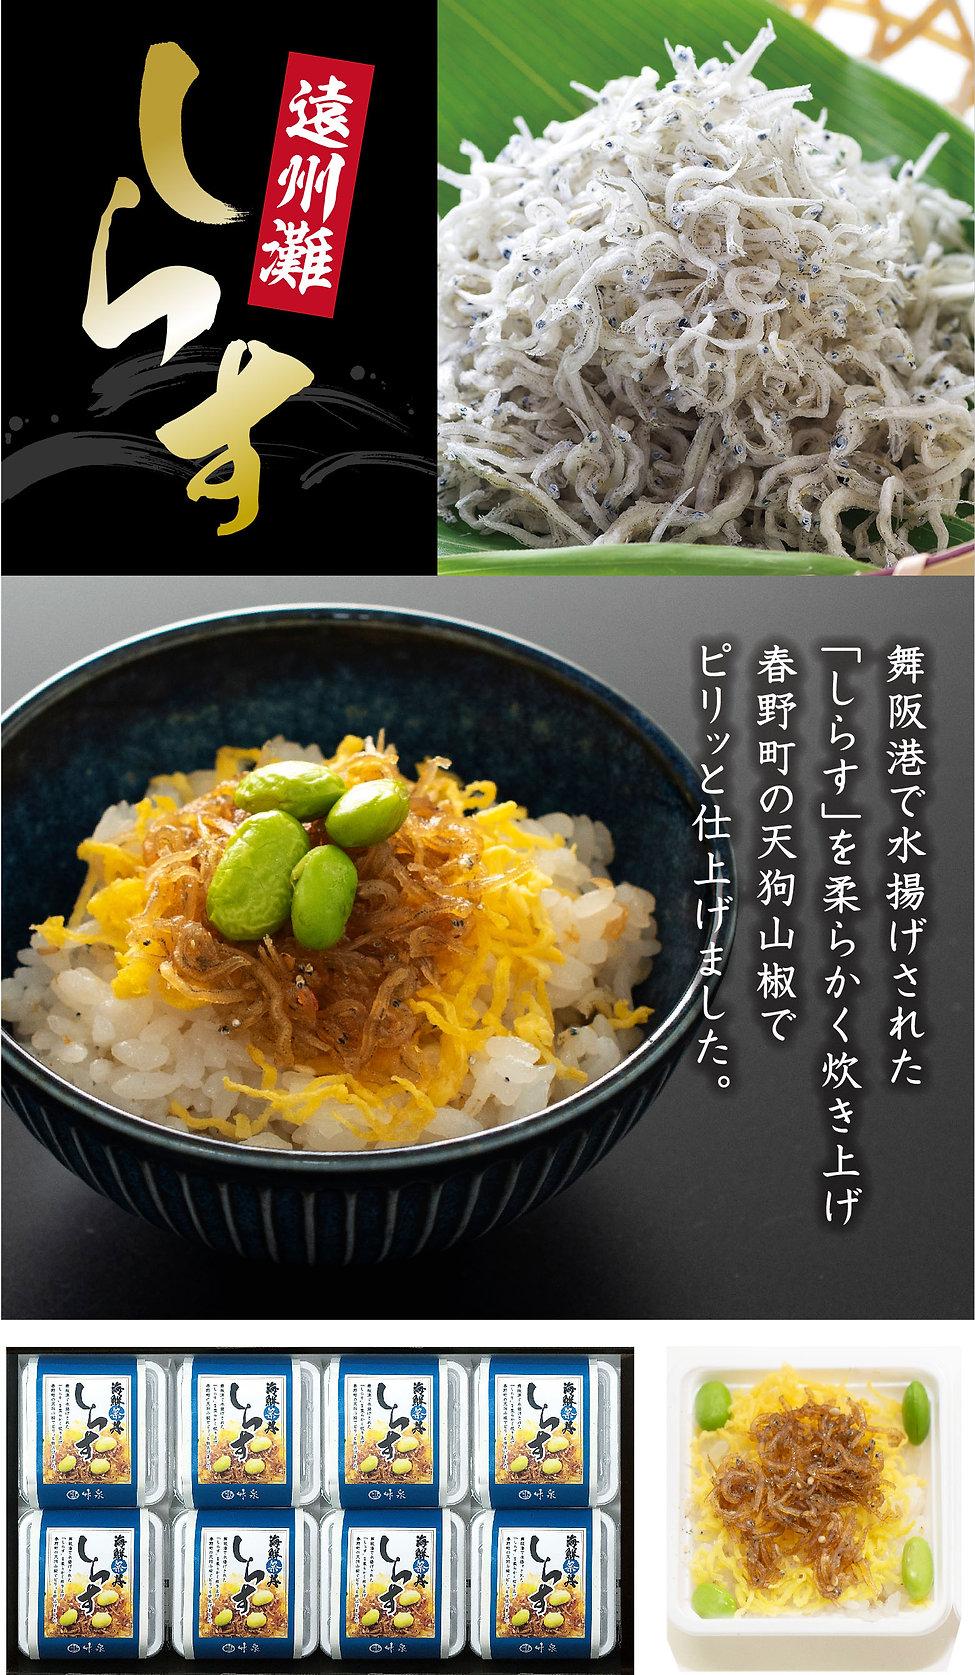 kaisen-shirasu.jpg